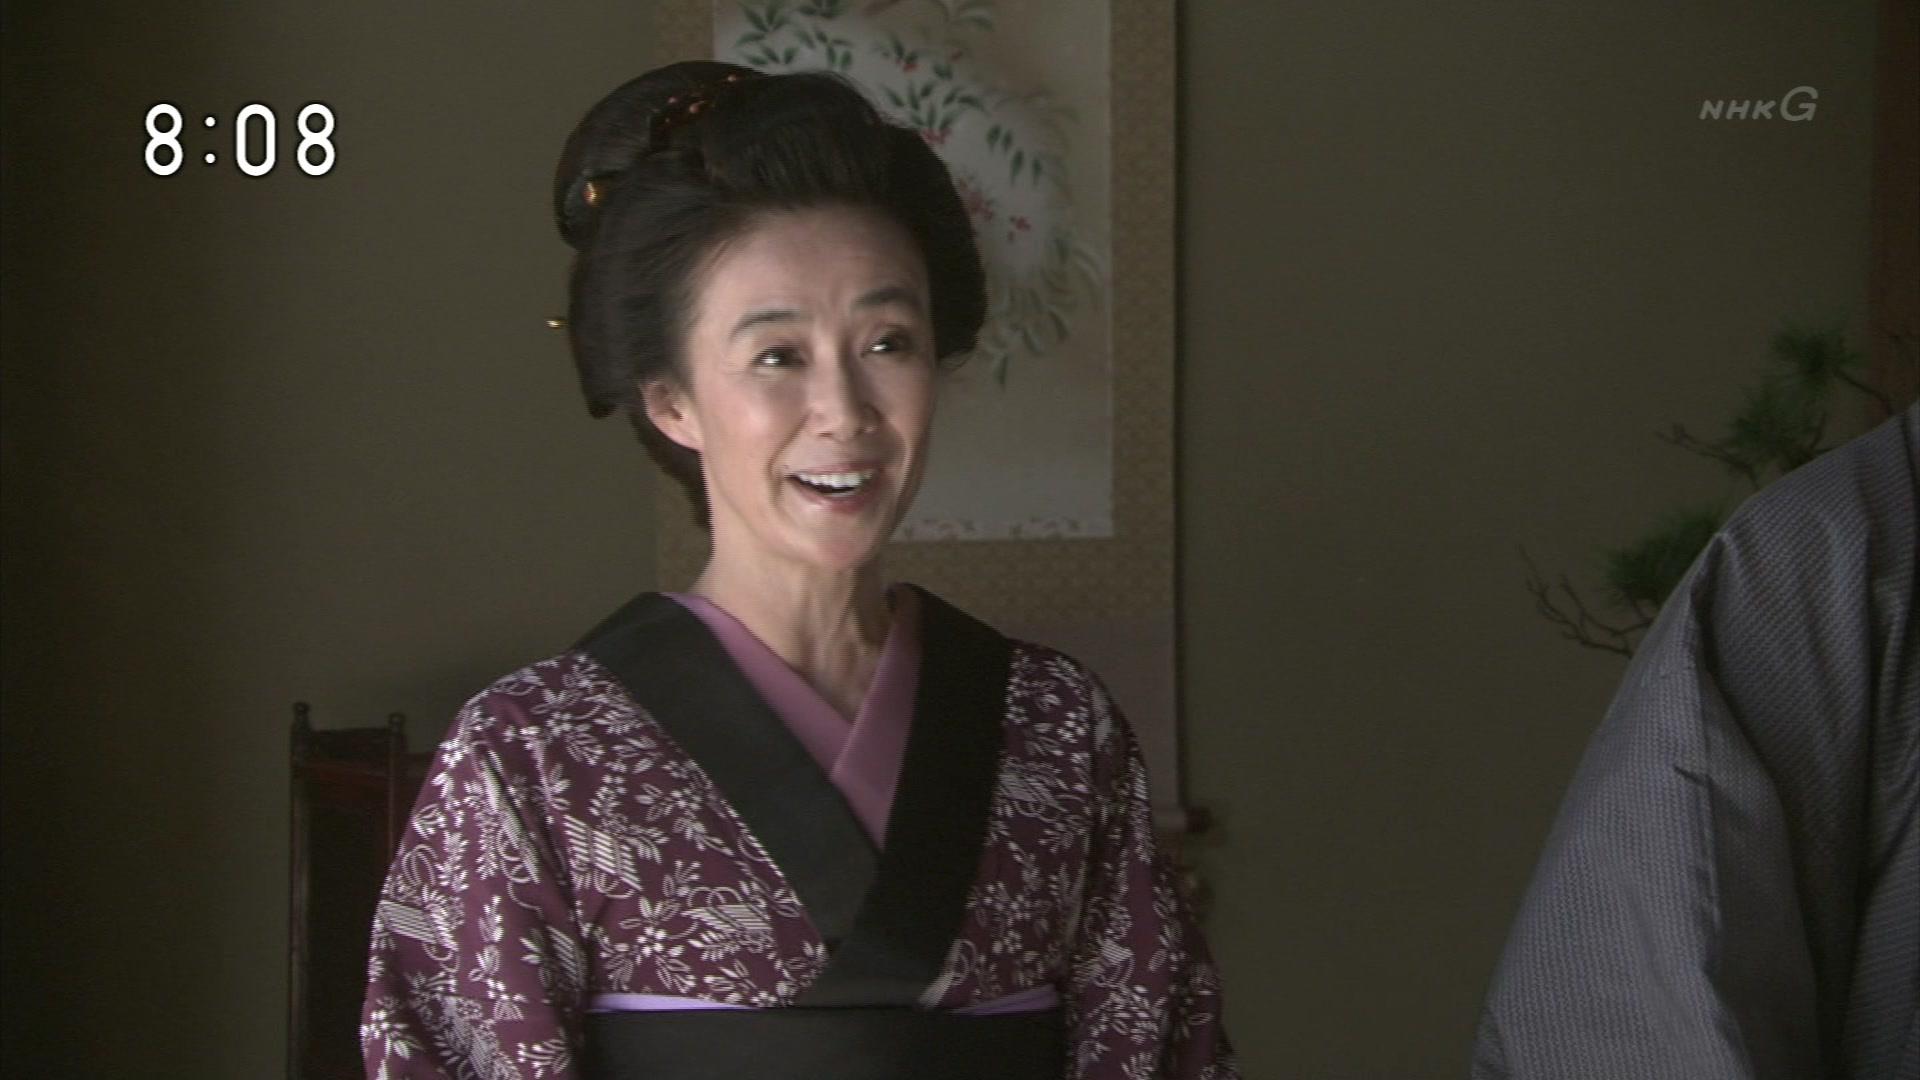 2015-10-05 08:00 連続テレビ小説 あさが来た(7)「ふたつの花びら」 1643